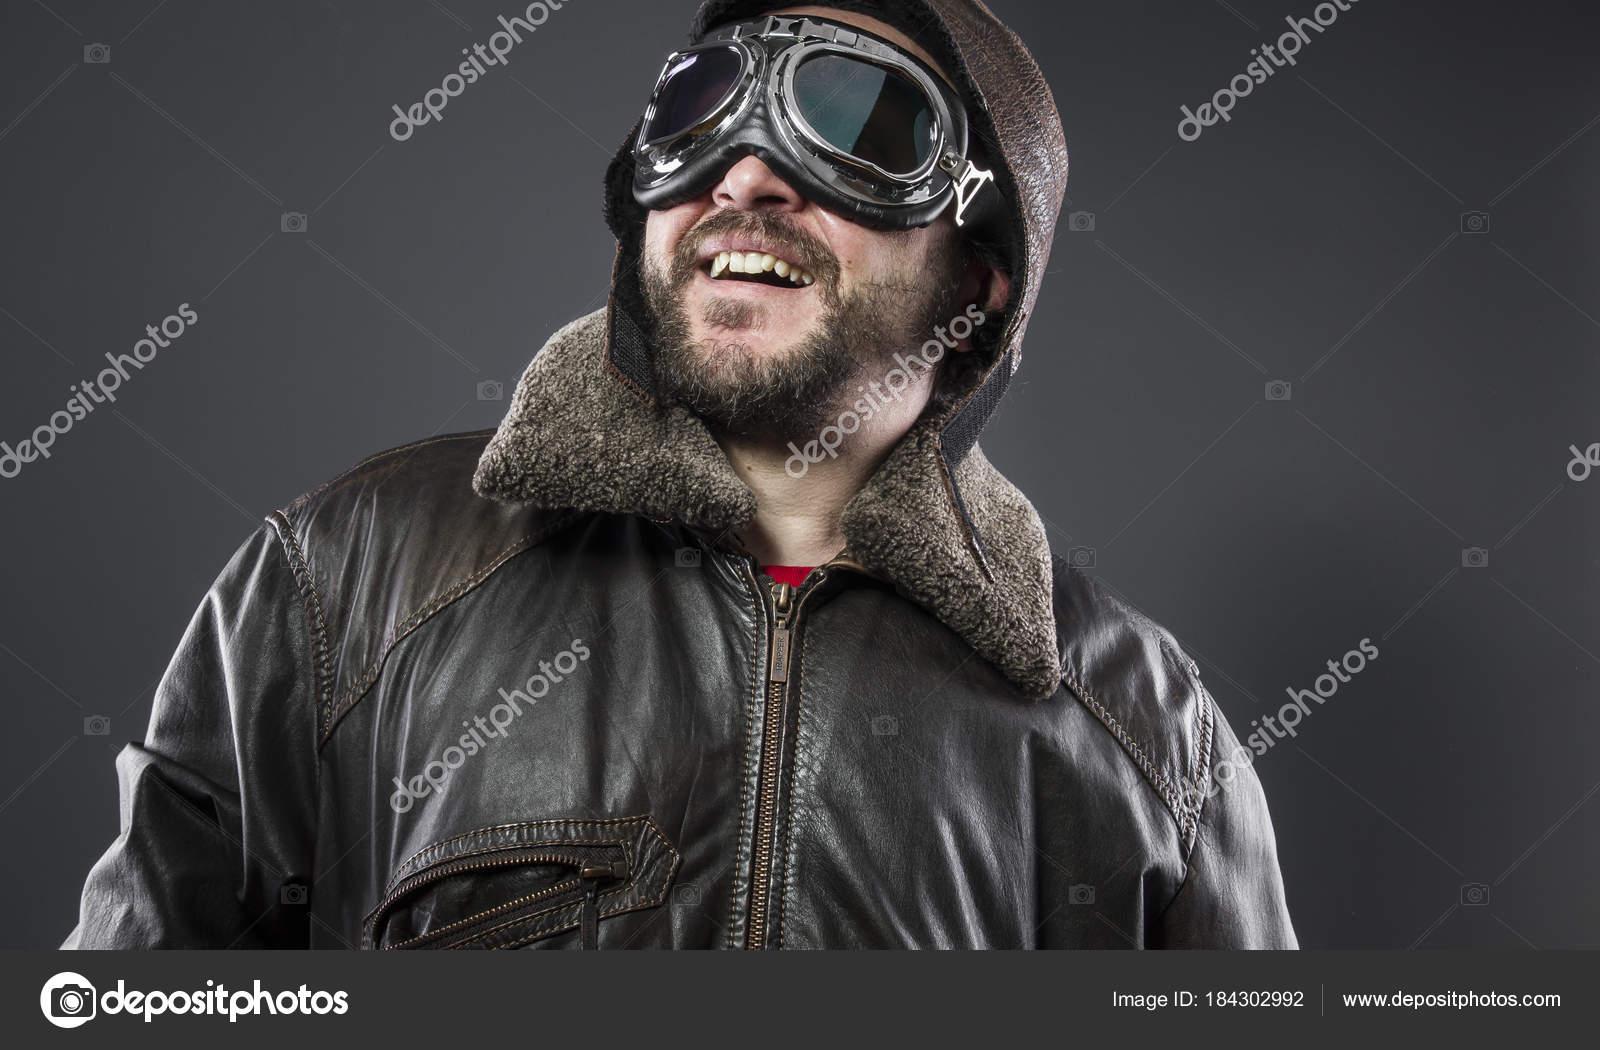 4ac7657f83 Transporte, antigo piloto de avião com jaqueta de couro marrom, arador  chapéu e óculos grandes — Foto de outsiderzone